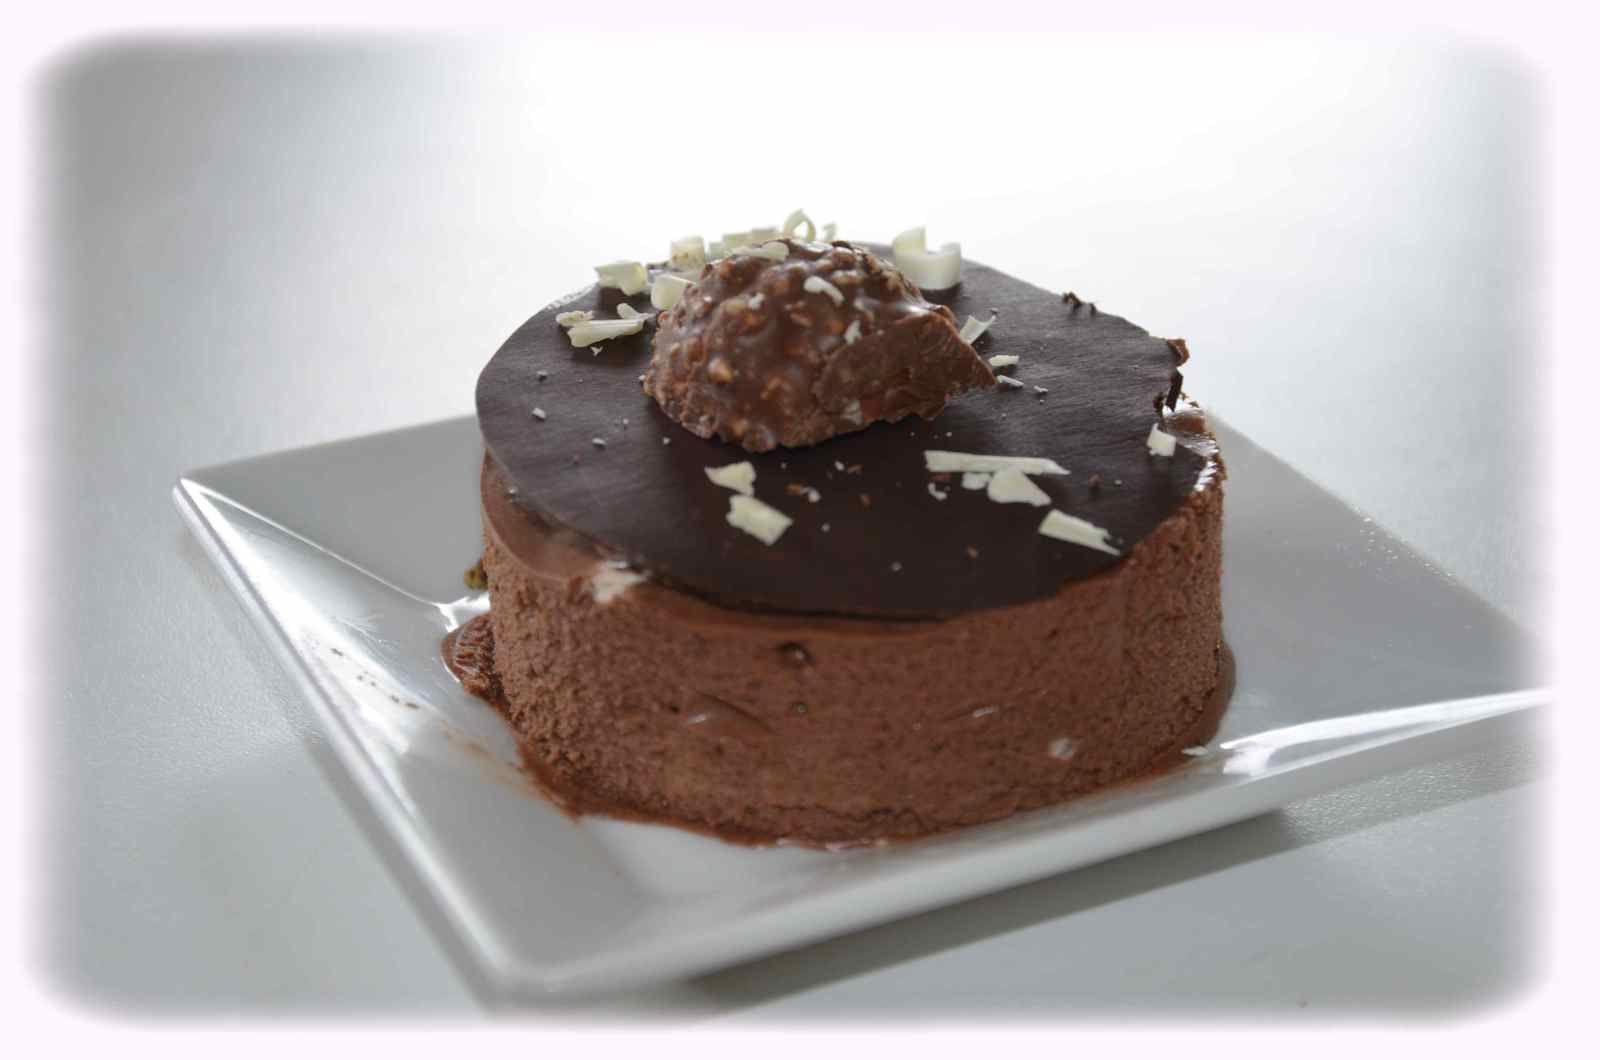 Mousse au chocolat façon Bavarois et son croquant chocolat